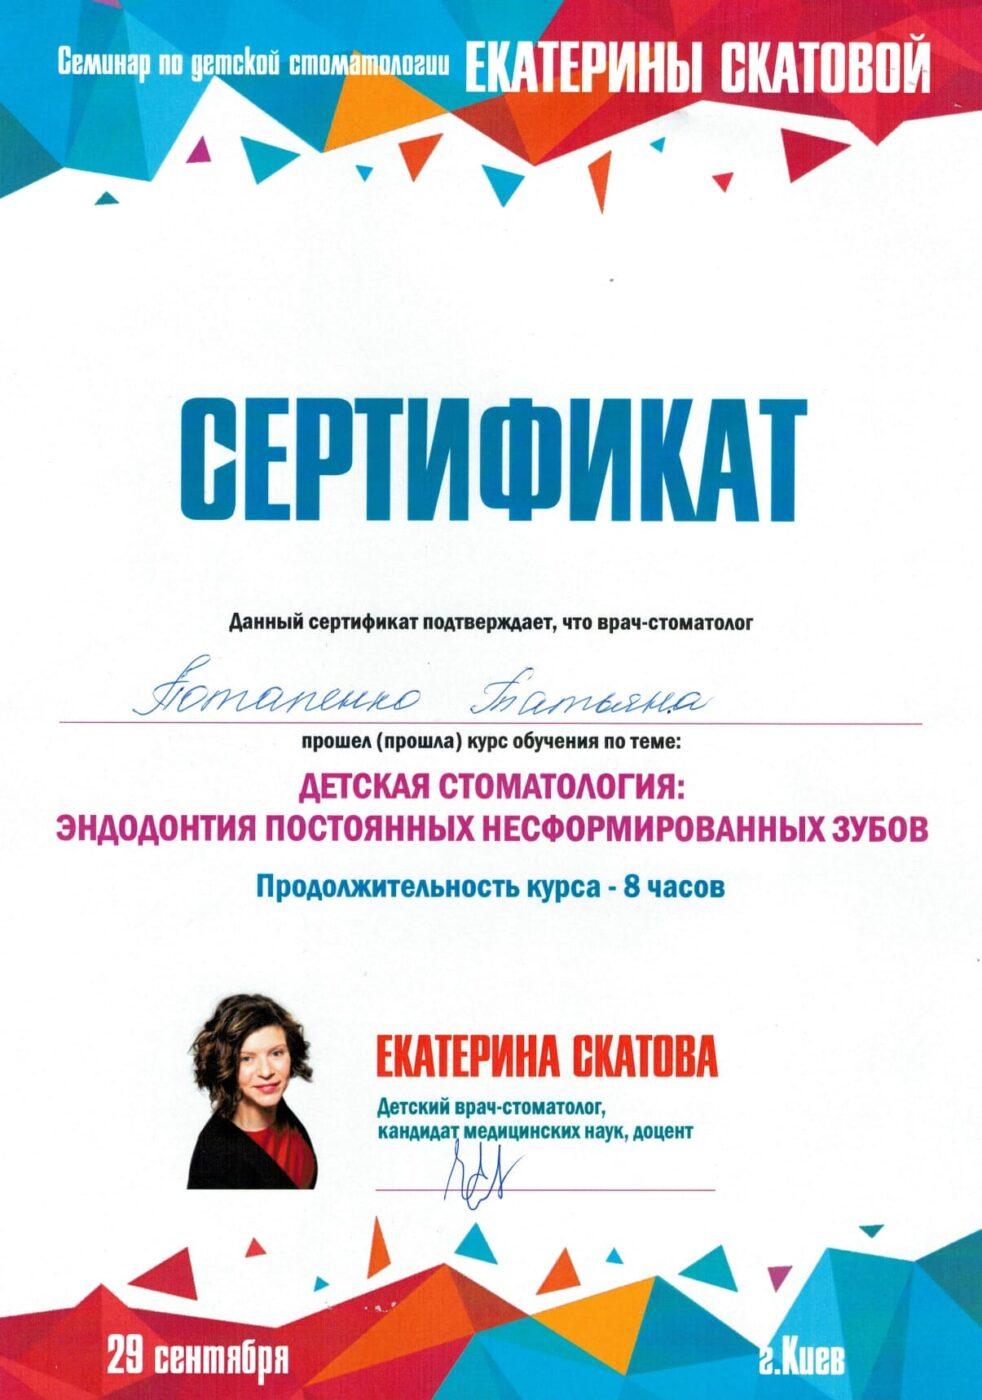 Сертификат подтверждающий участие Татьяны Потапенко в курсе - Детская стоматология: Эндодонтия постоянных несформированных зубов